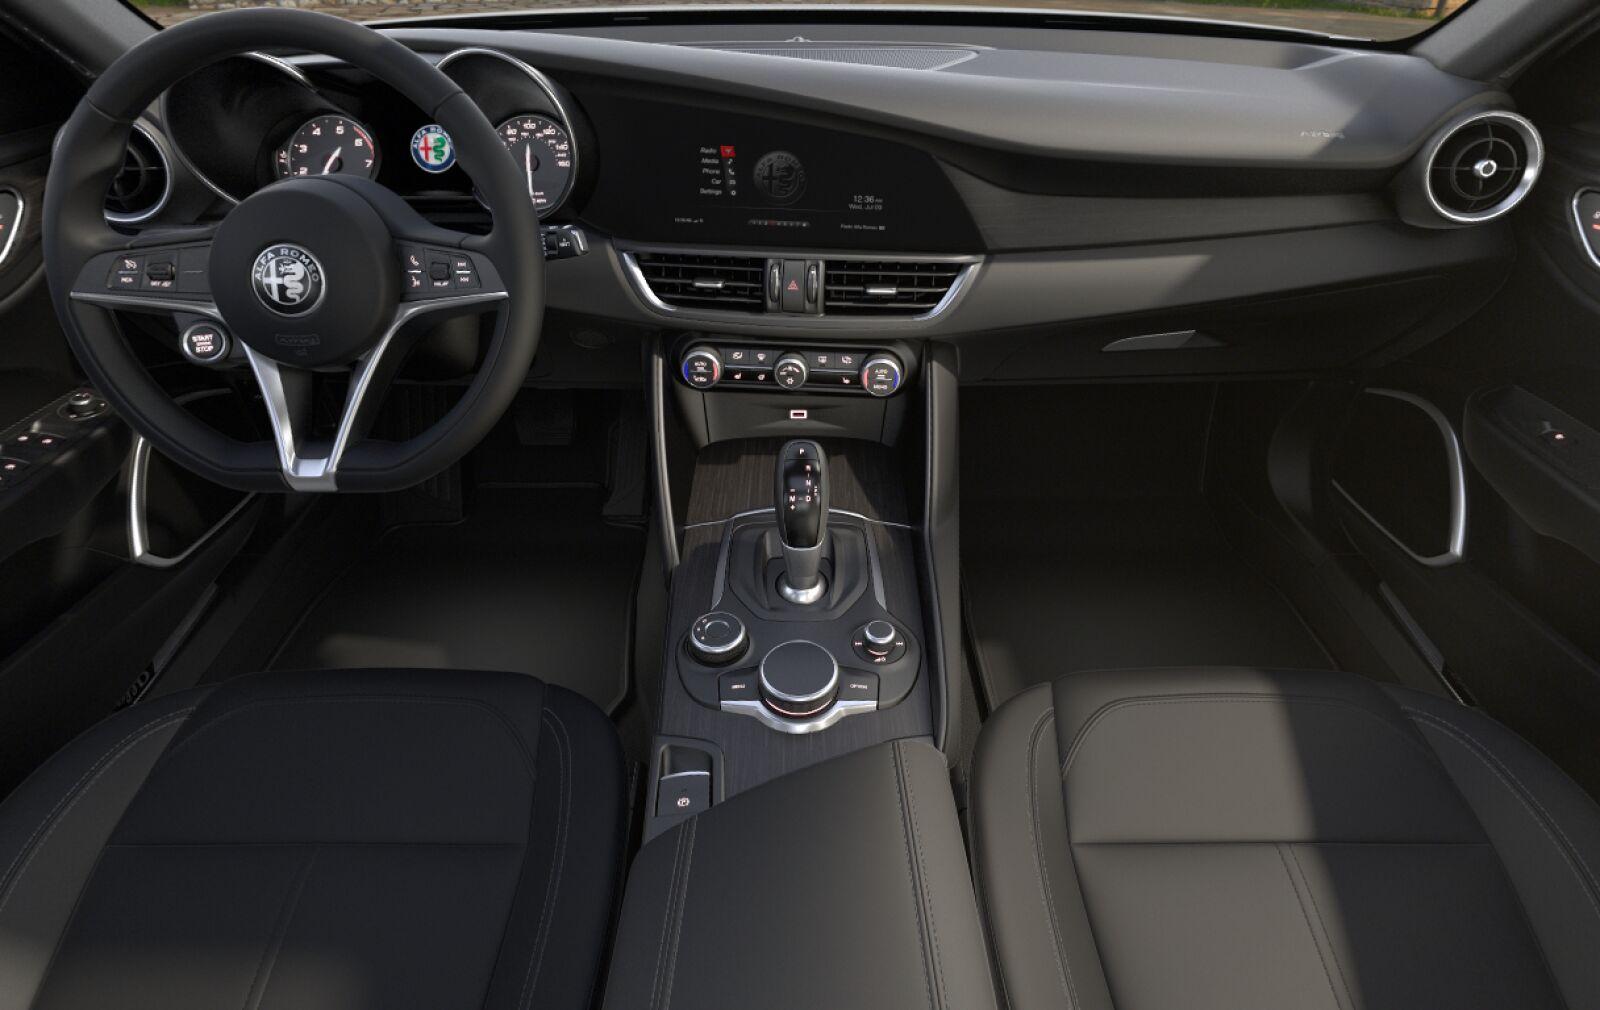 2019 Alfa Romeo Giulia Ti RWD Black Front Interior Picture